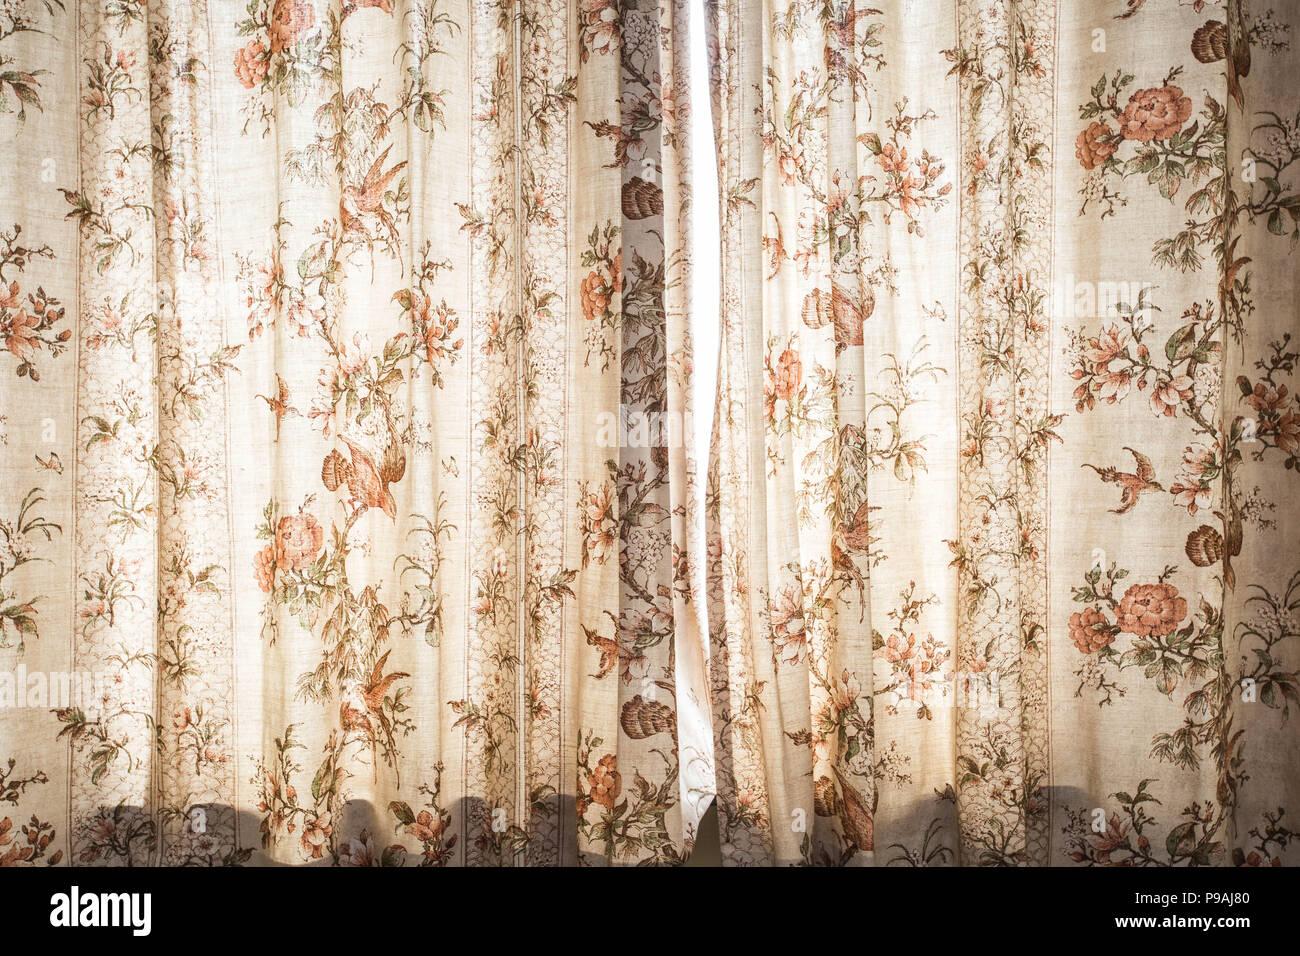 Fenster Vorhang Mit Muster Dekoration Interieur Vintage Licht